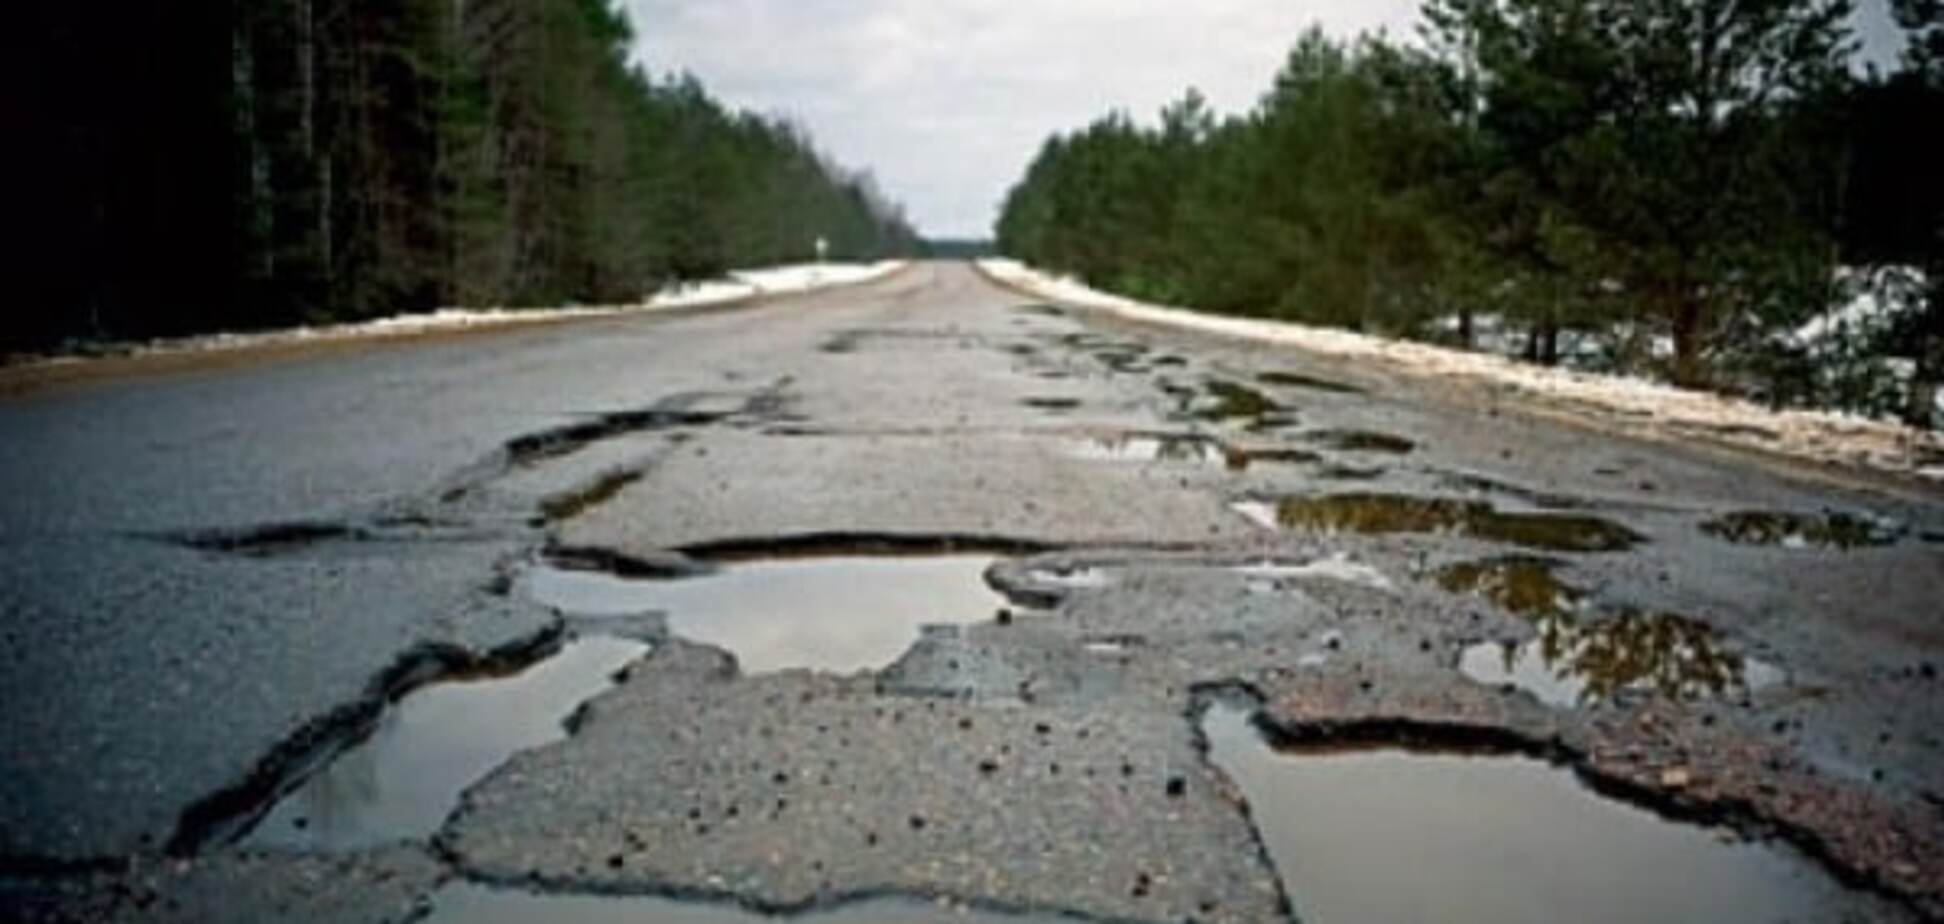 Не воровать, а строить дороги: эксперт предложил альтернативу частным инвесторам